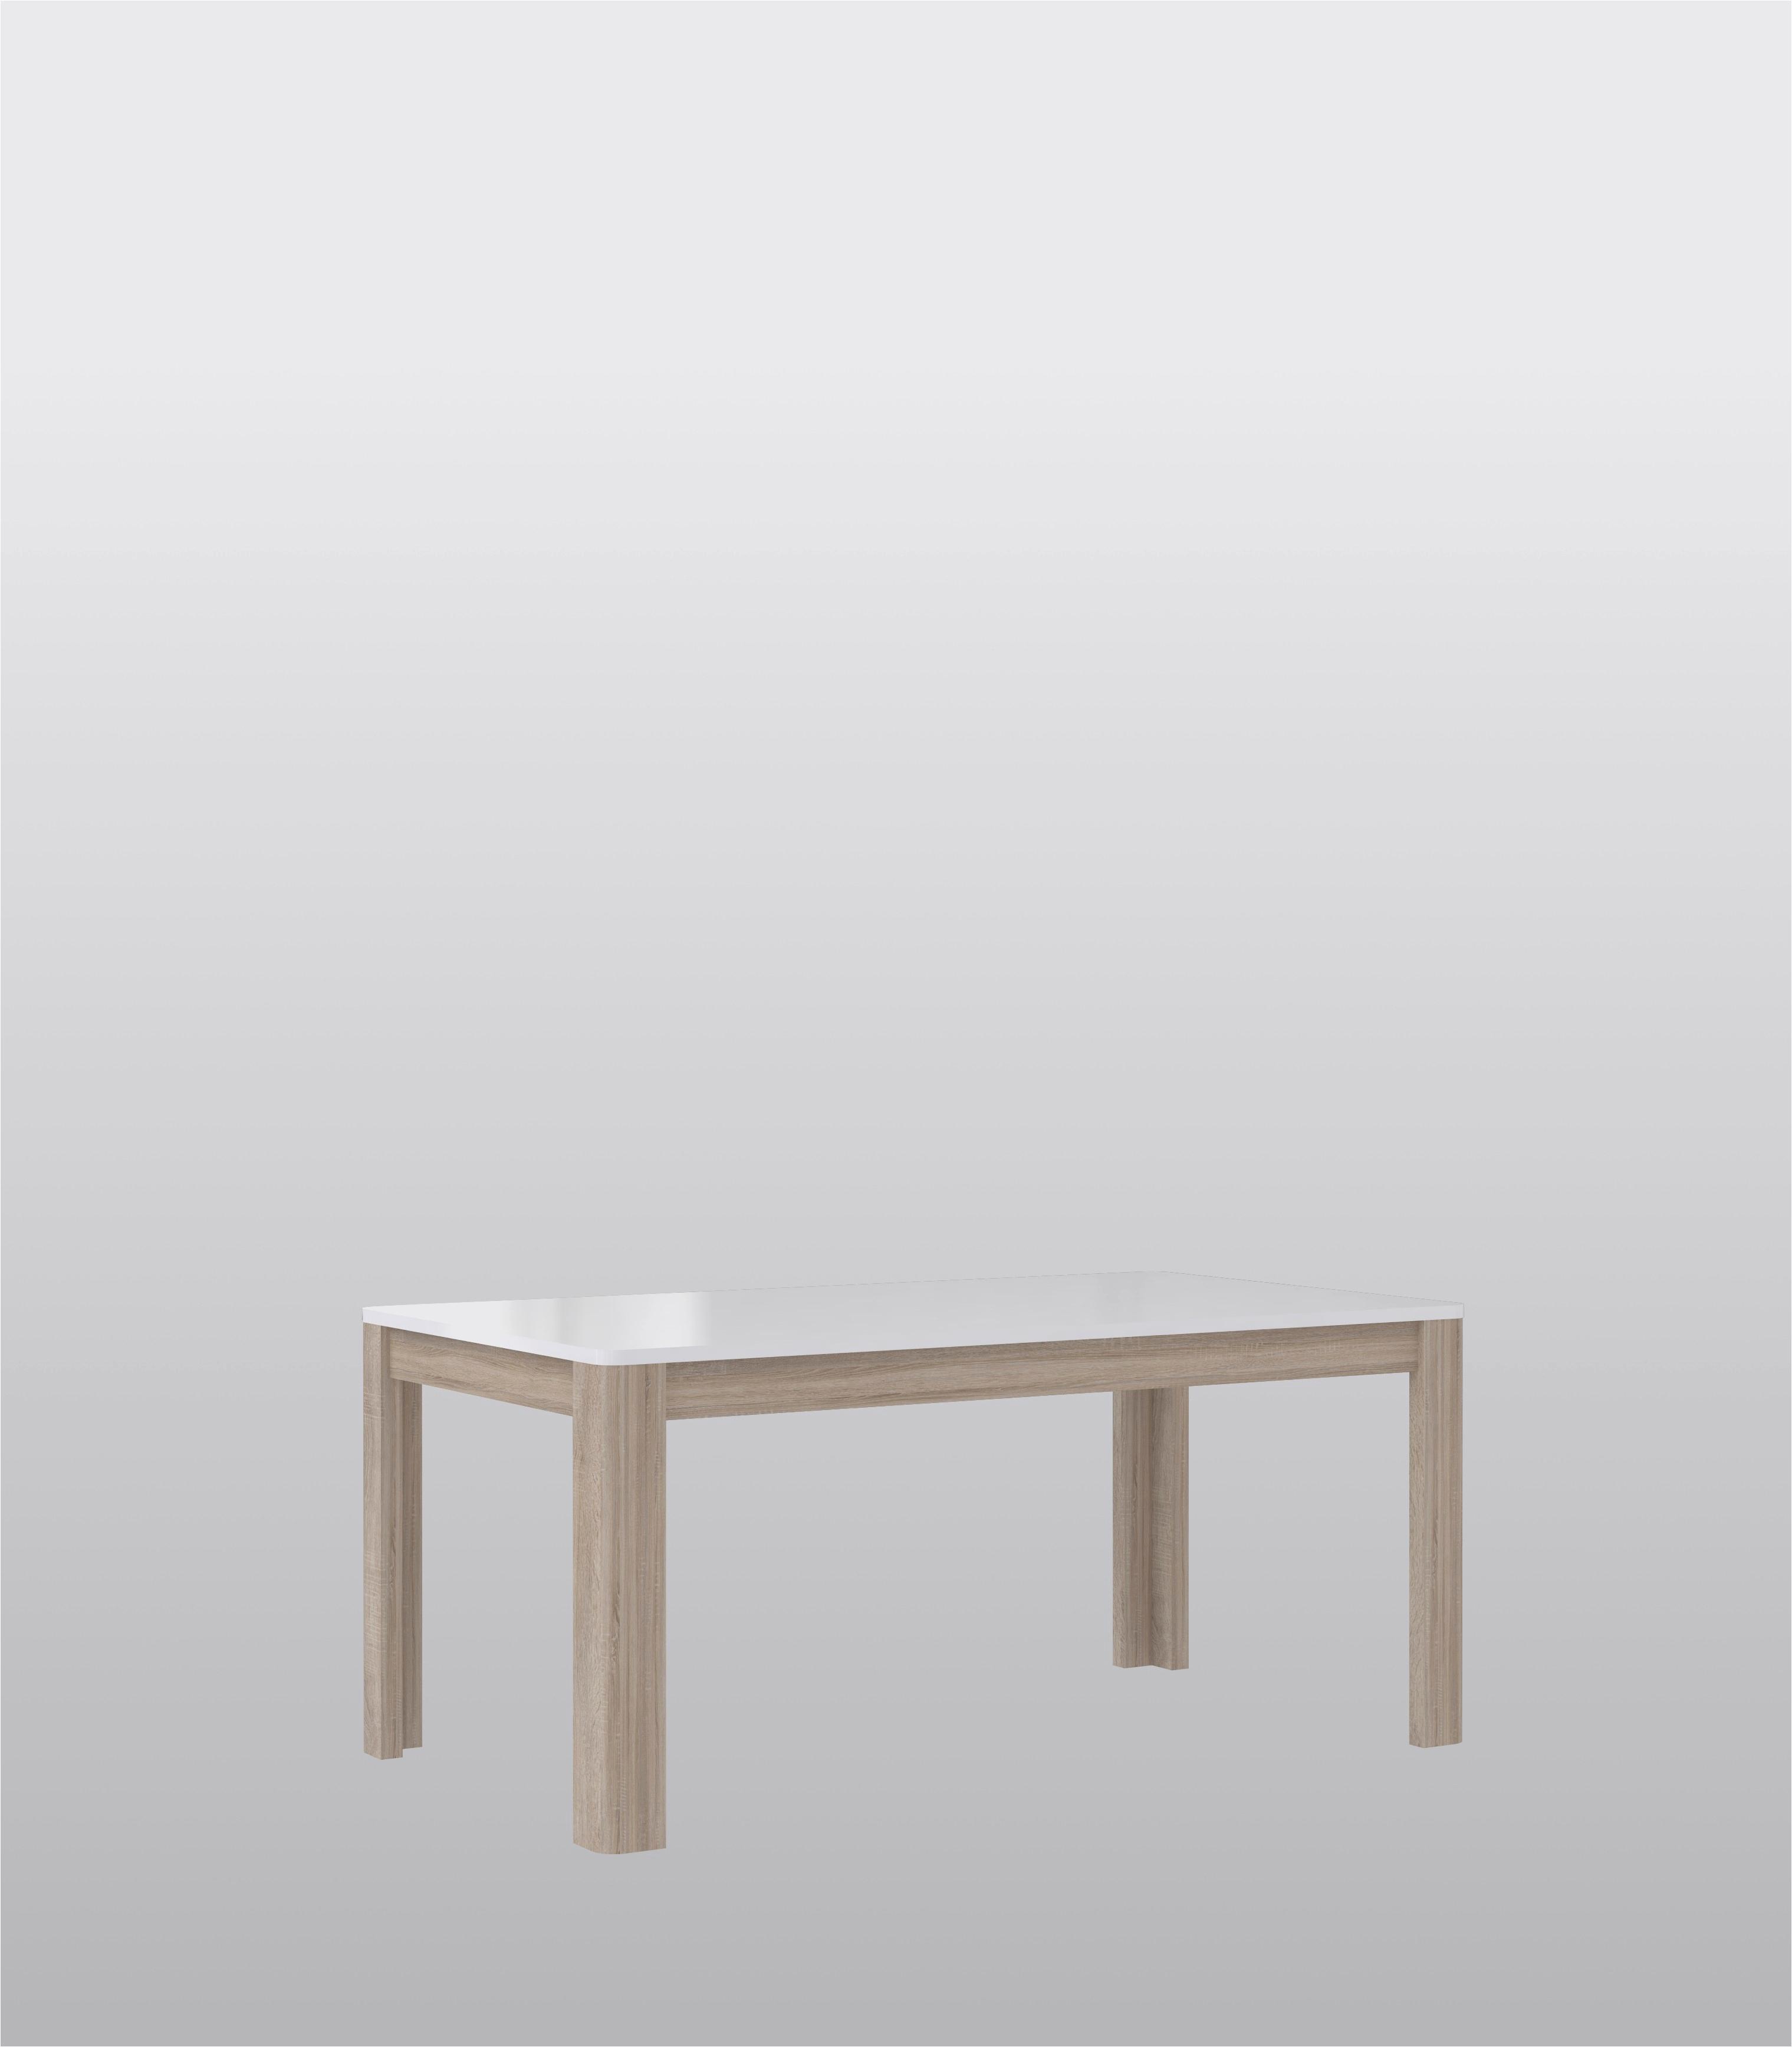 Table Ronde Conforama Beau Photos Table Extensible Conforama Meilleur De 50 Luxe Table Ronde Salle A